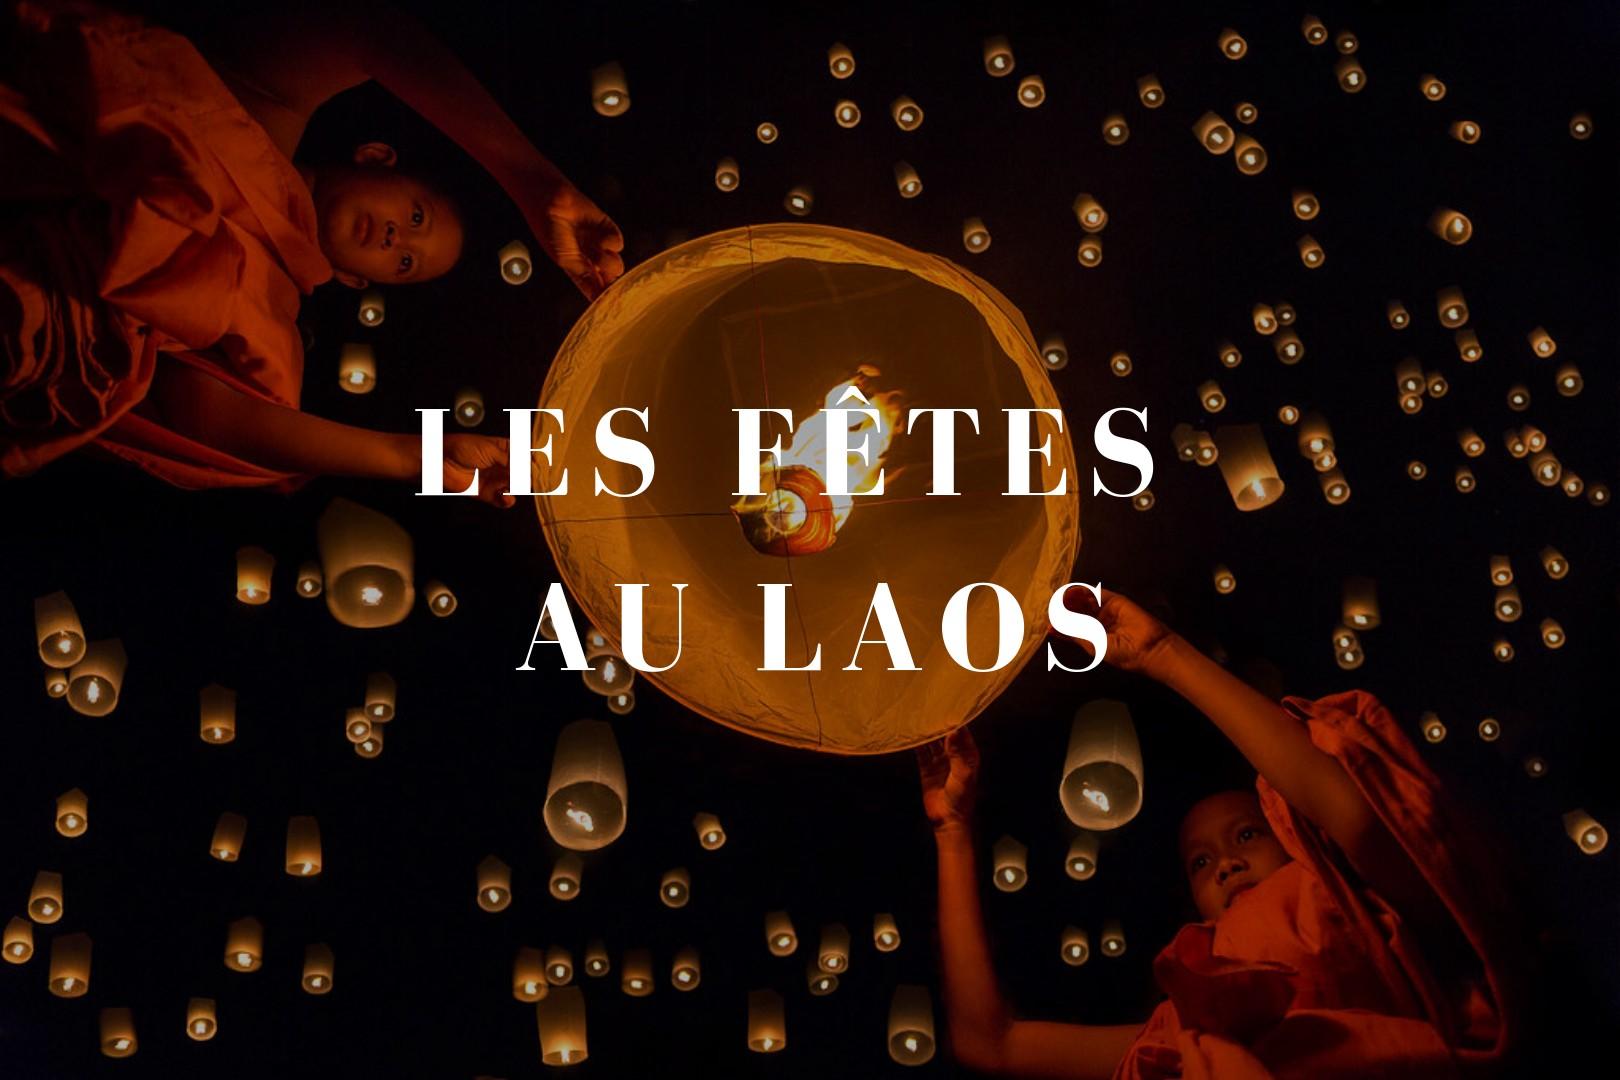 Les fêtes au Laos